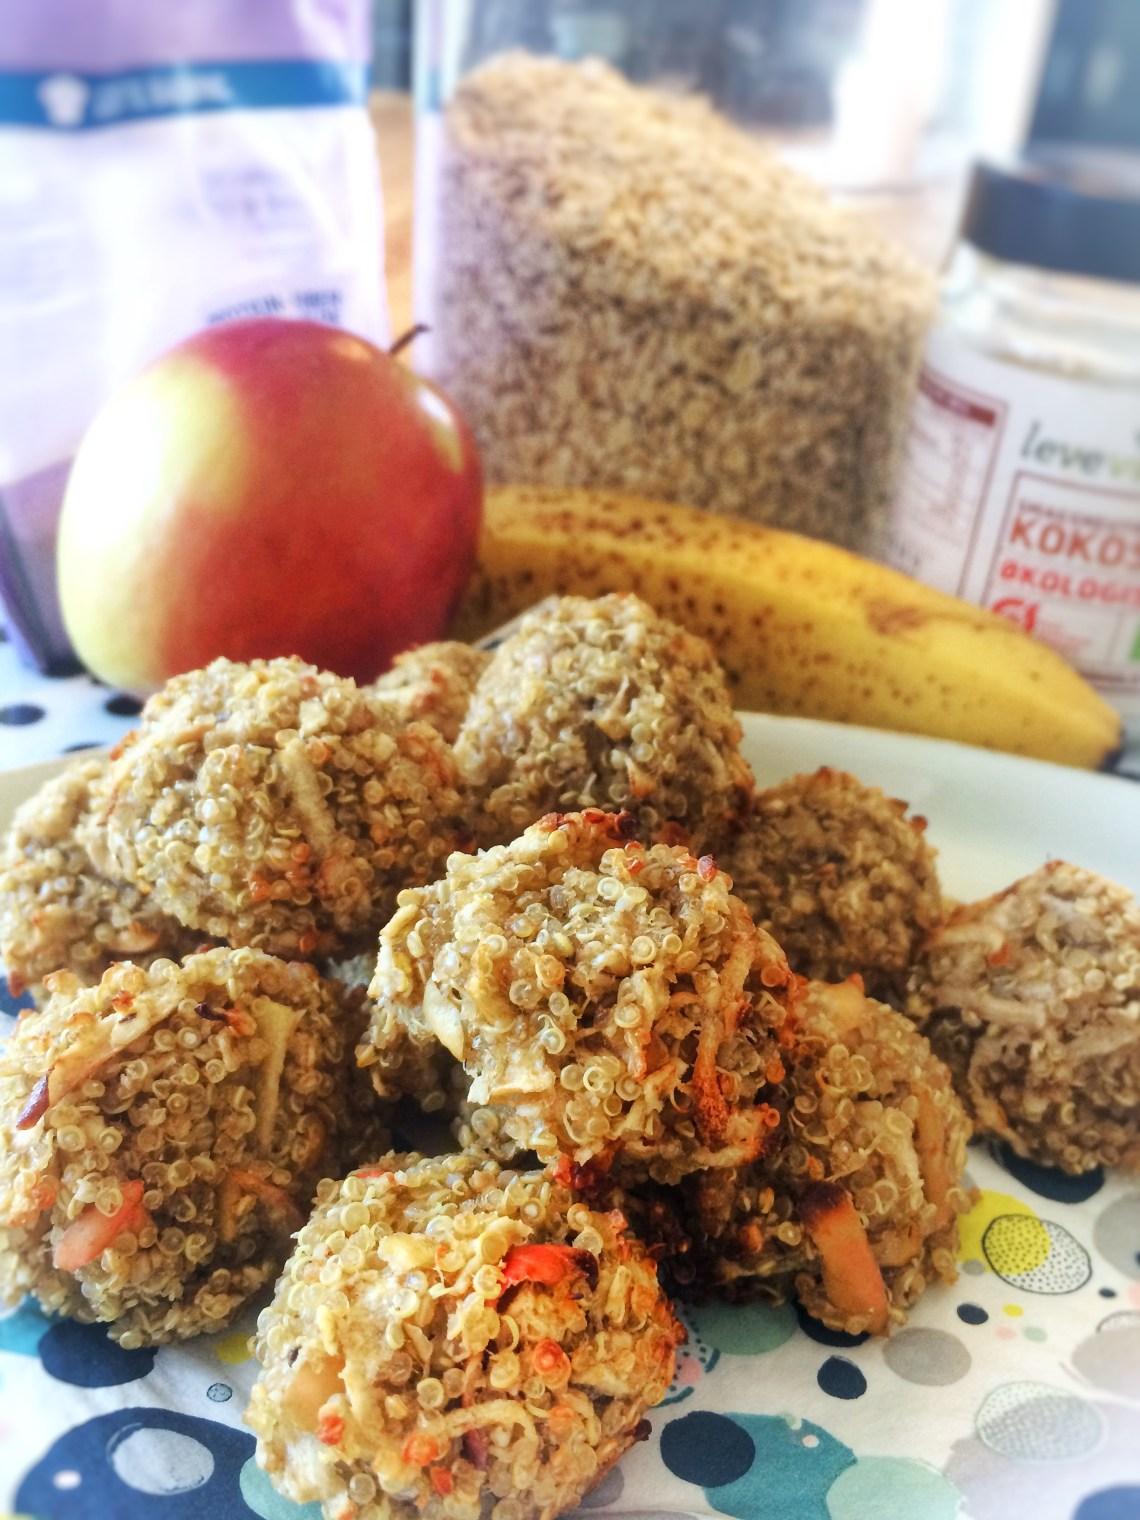 Quinoa Hapsere til baby / BLW /Baby Led Weaning / Quinoa, havregryn, banan, æble og kokosolie / sund / glutenfri